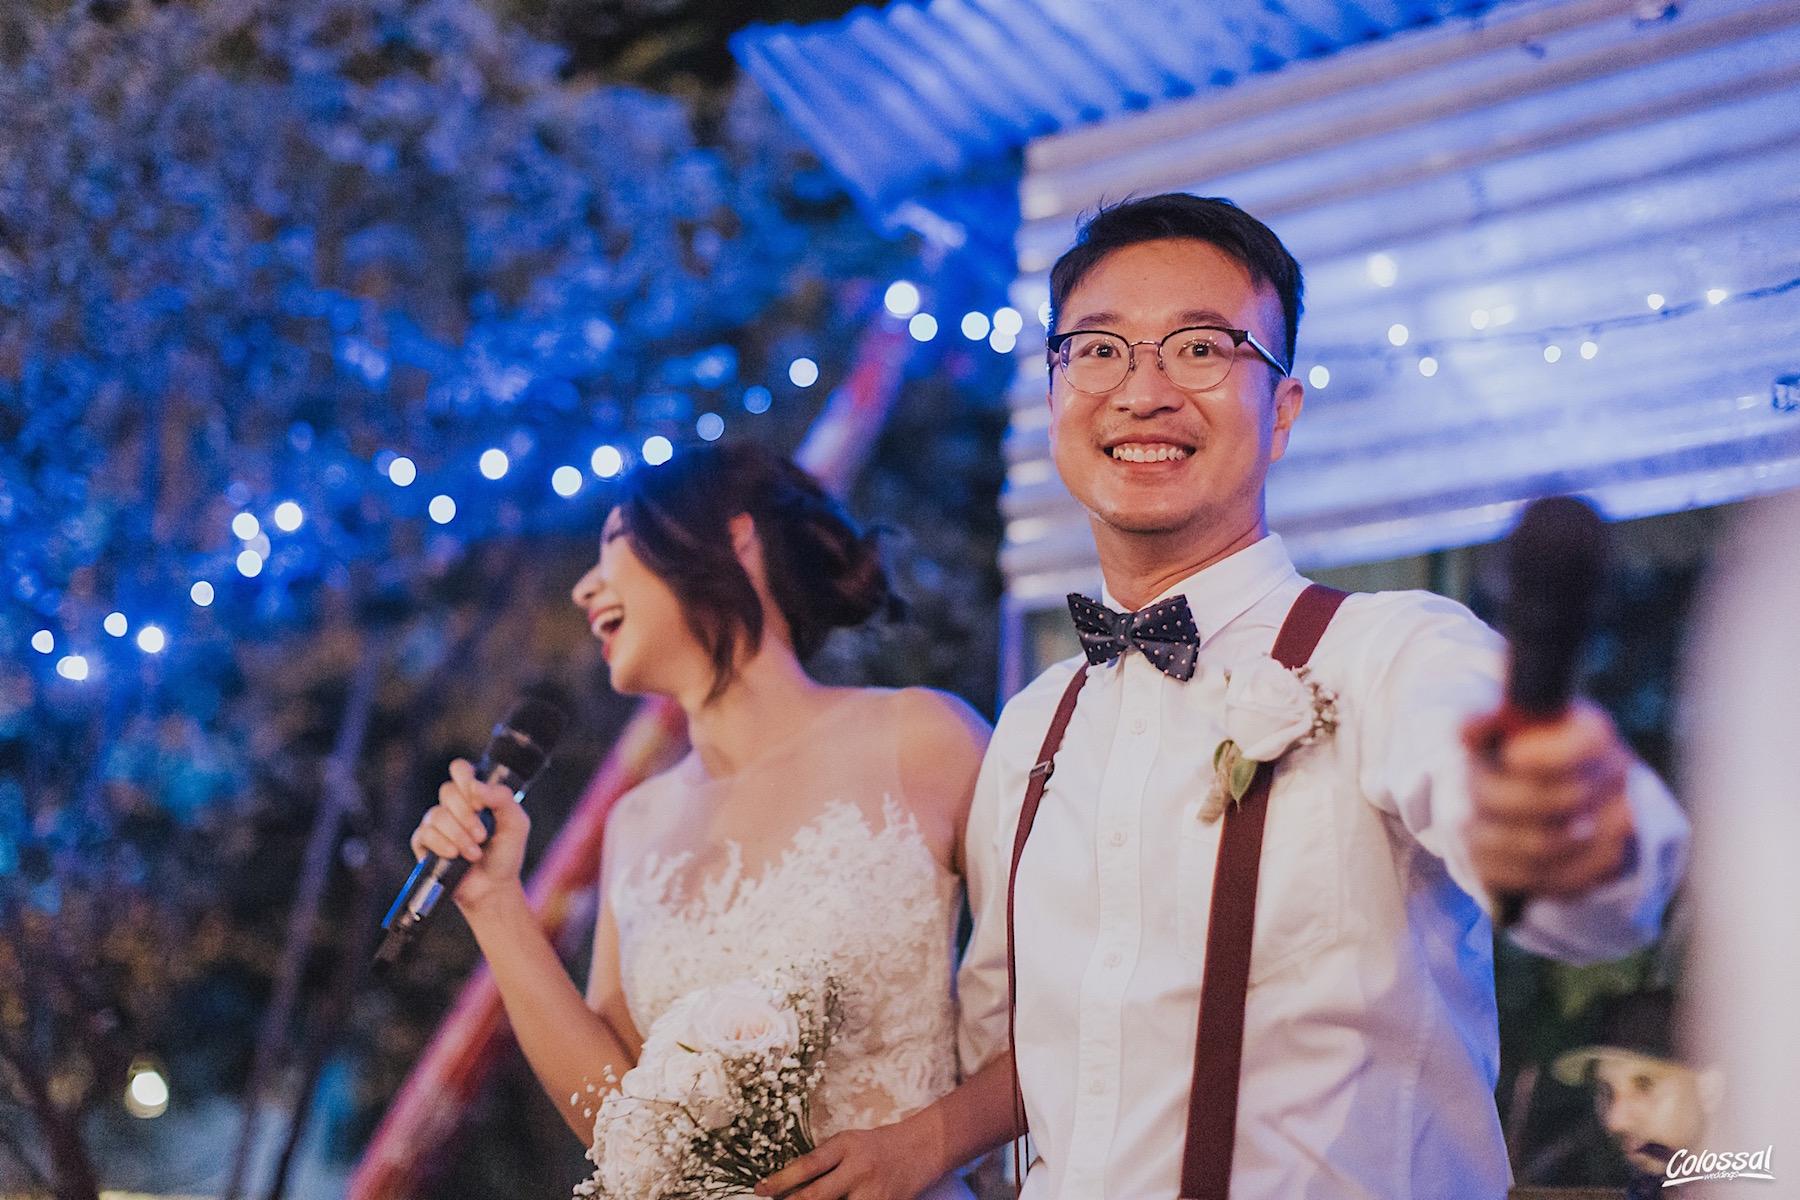 MartinChanel_ColossalWeddings079_WeddingParty.jpg